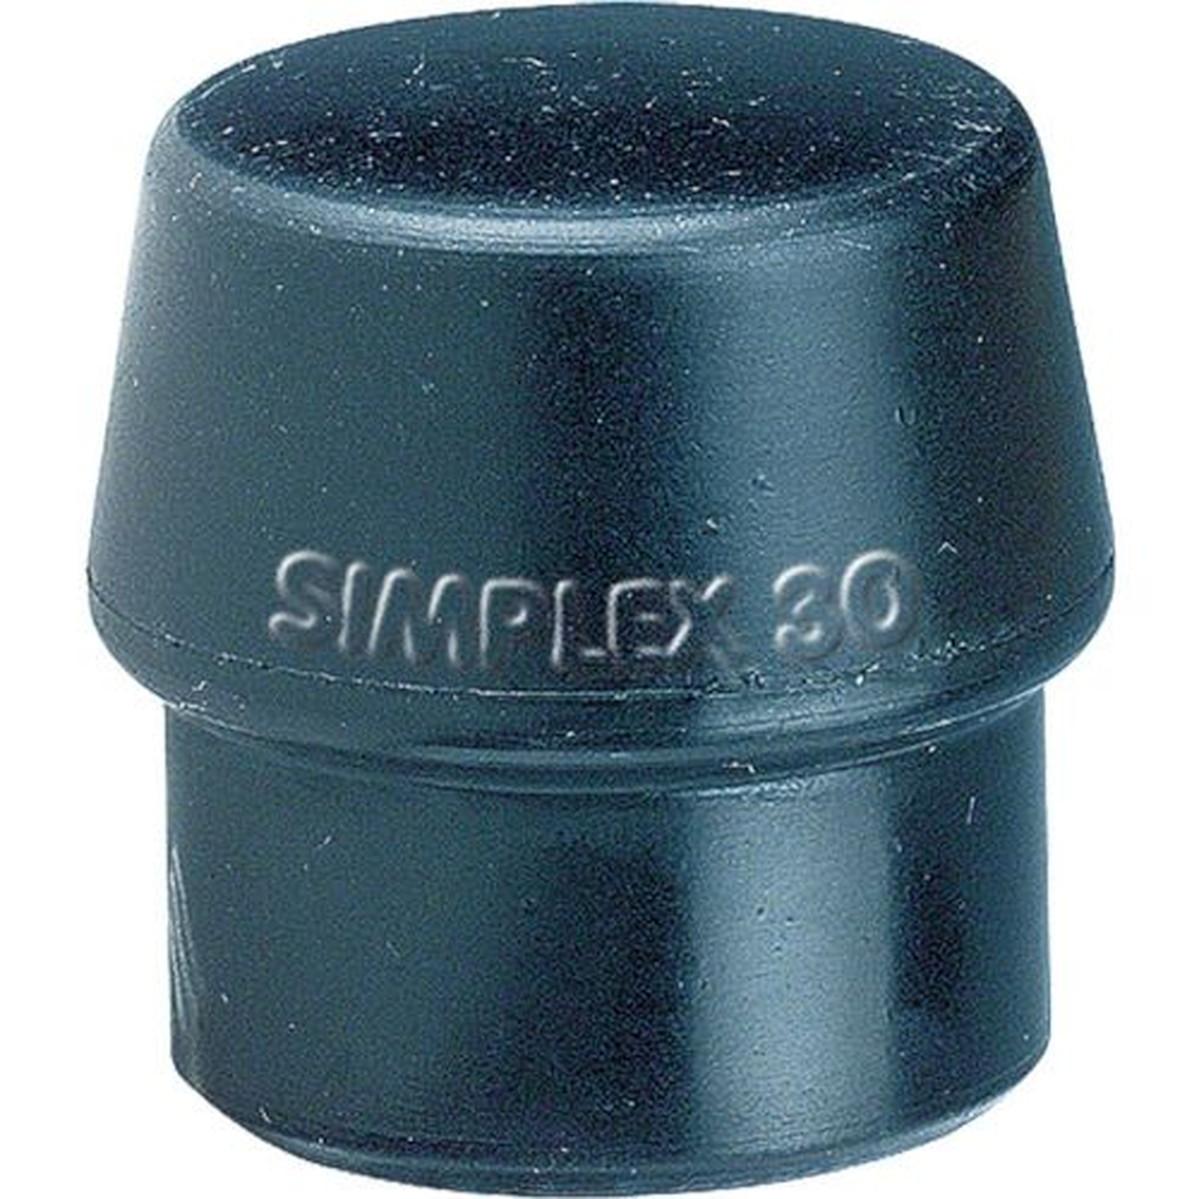 あす楽対応 DIY用品 HALDER シンプレックス用インサート ゴム複合材 黒 頭径40mm クリアランスsale 期間限定 1個 『4年保証』